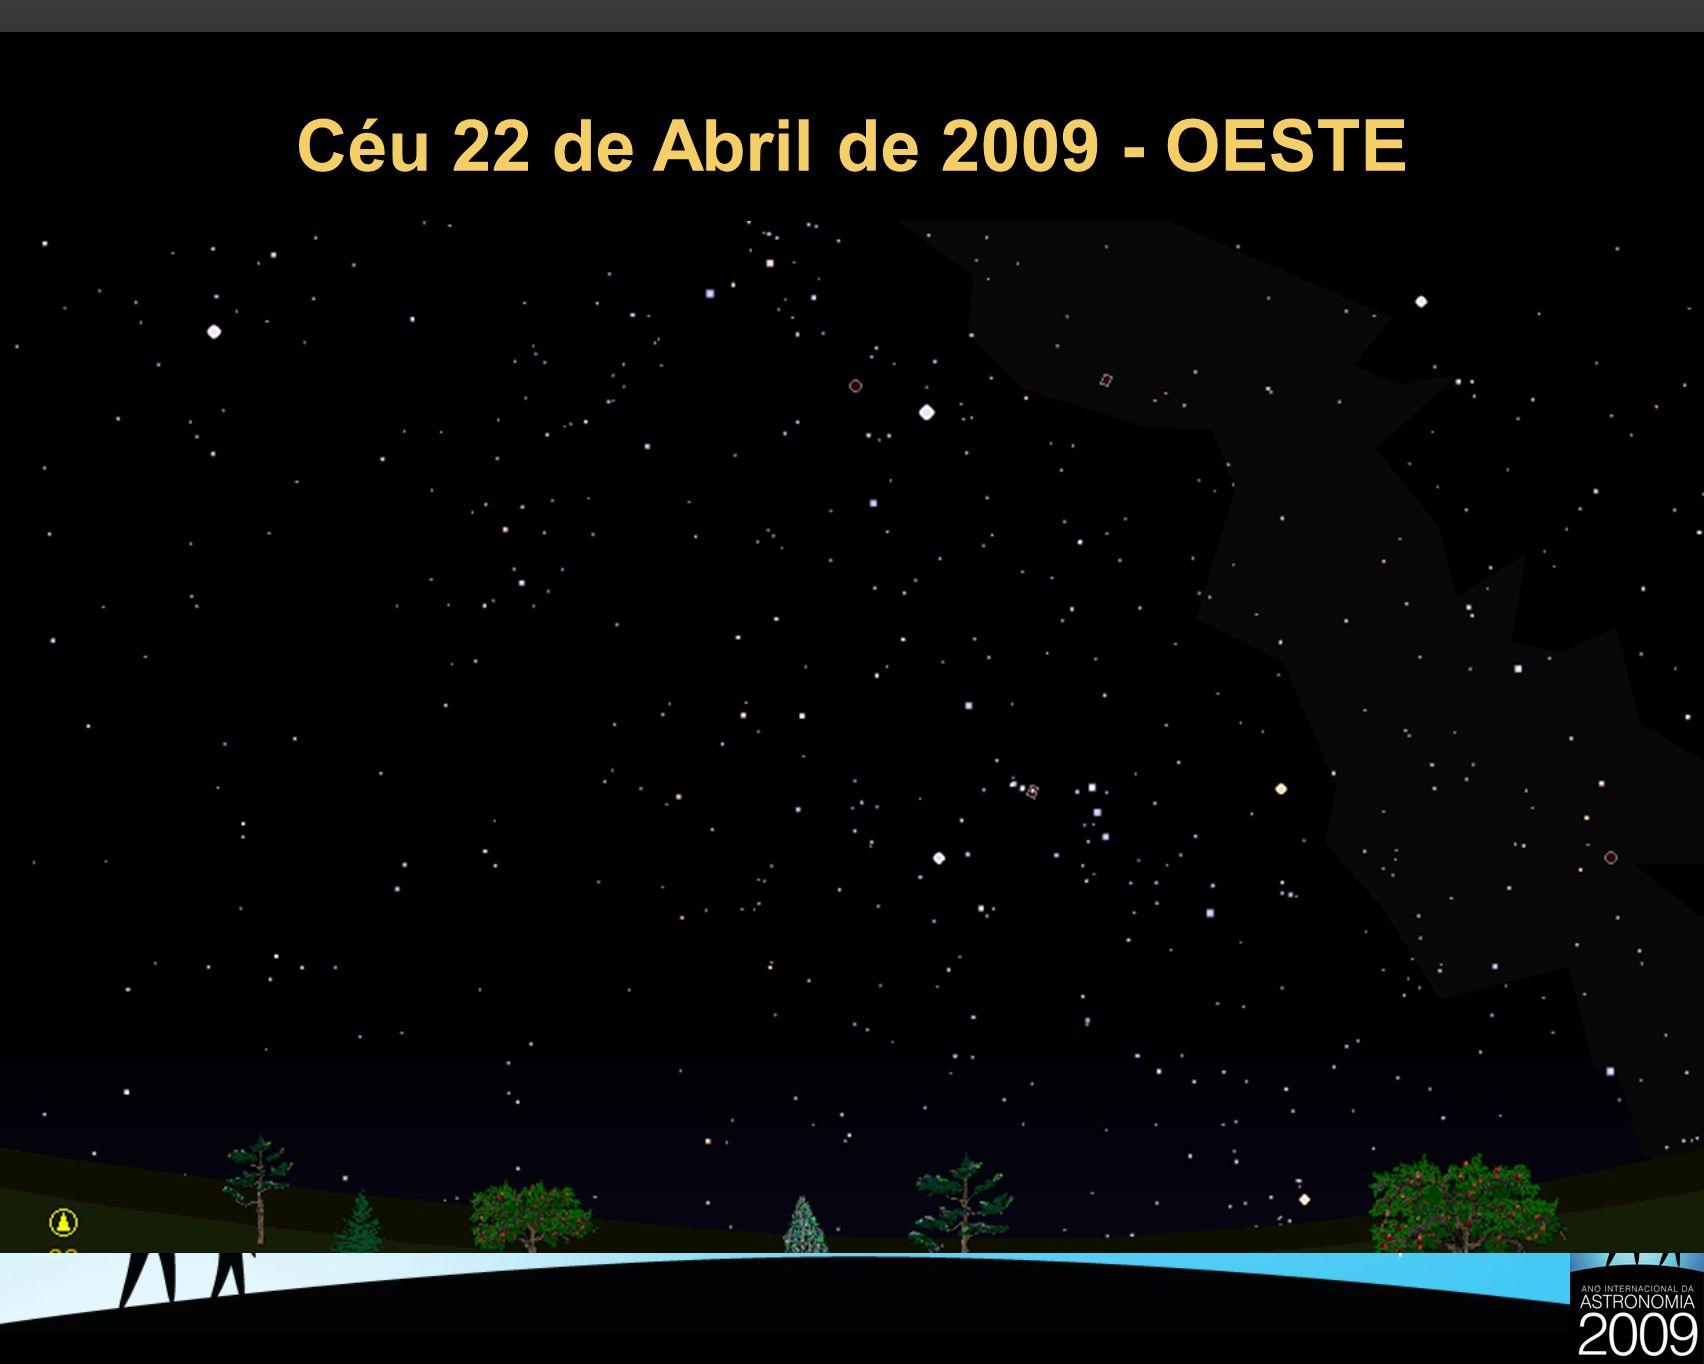 Céu 22 de Abril de 2009 - OESTE 25